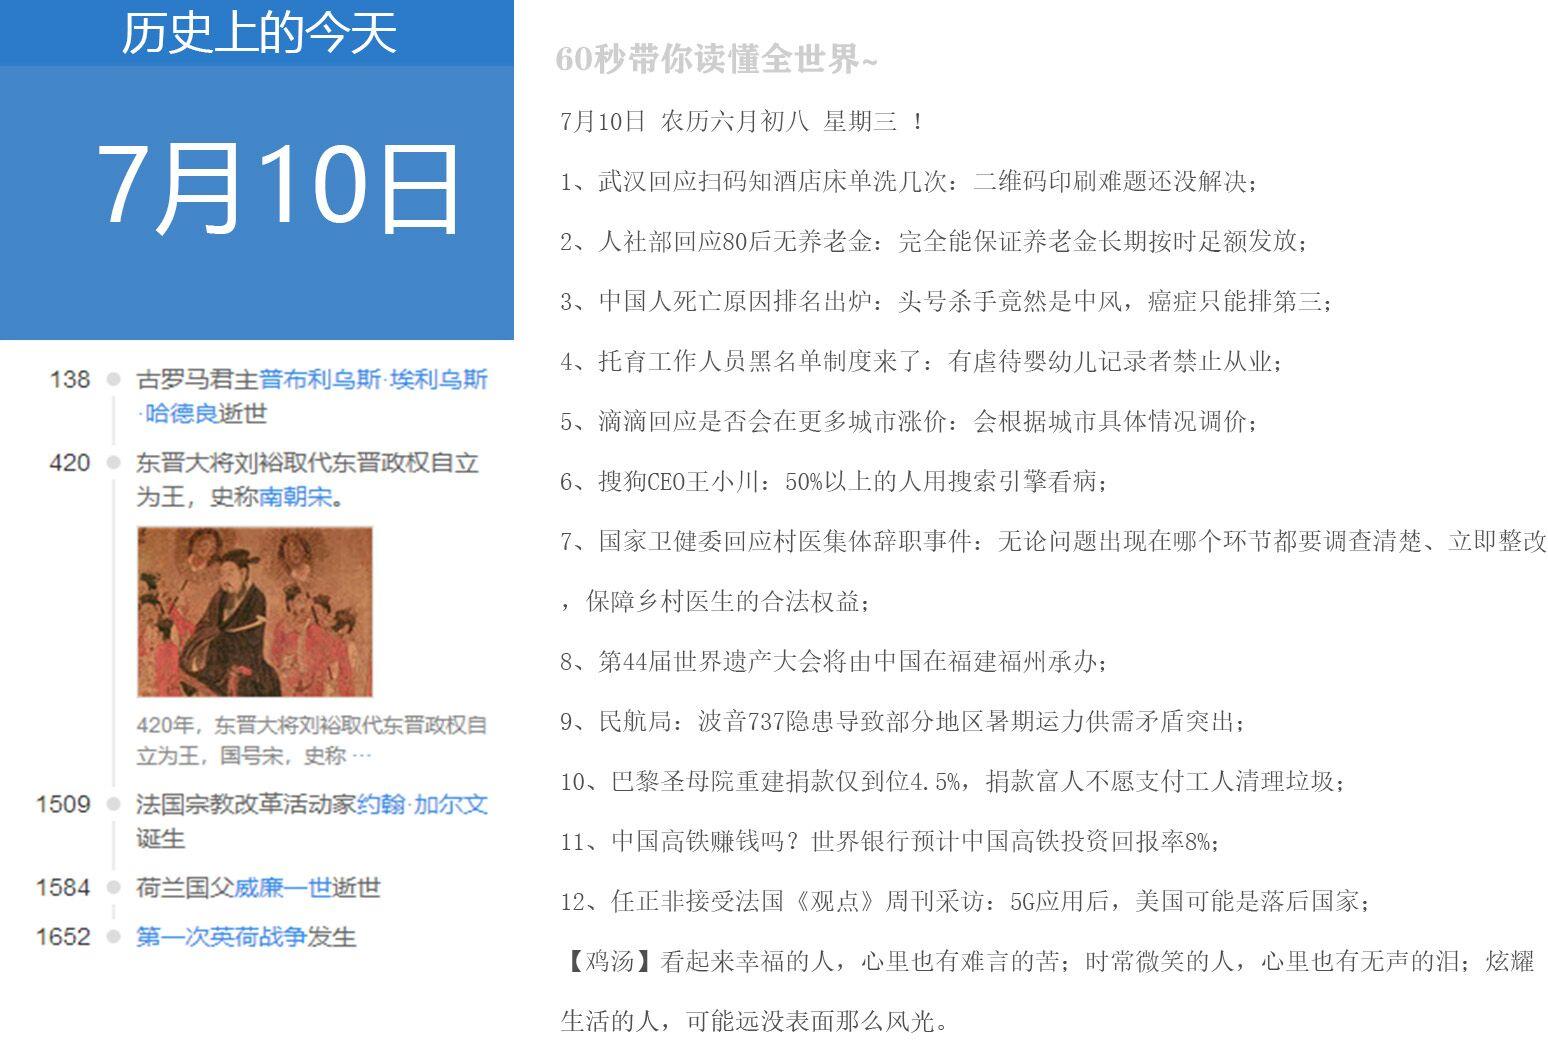 中国人死亡原因排名出炉:头号杀手竟然是中风,癌症只能排第三-了解当前世界发展做一个有文化的萌乡绅士